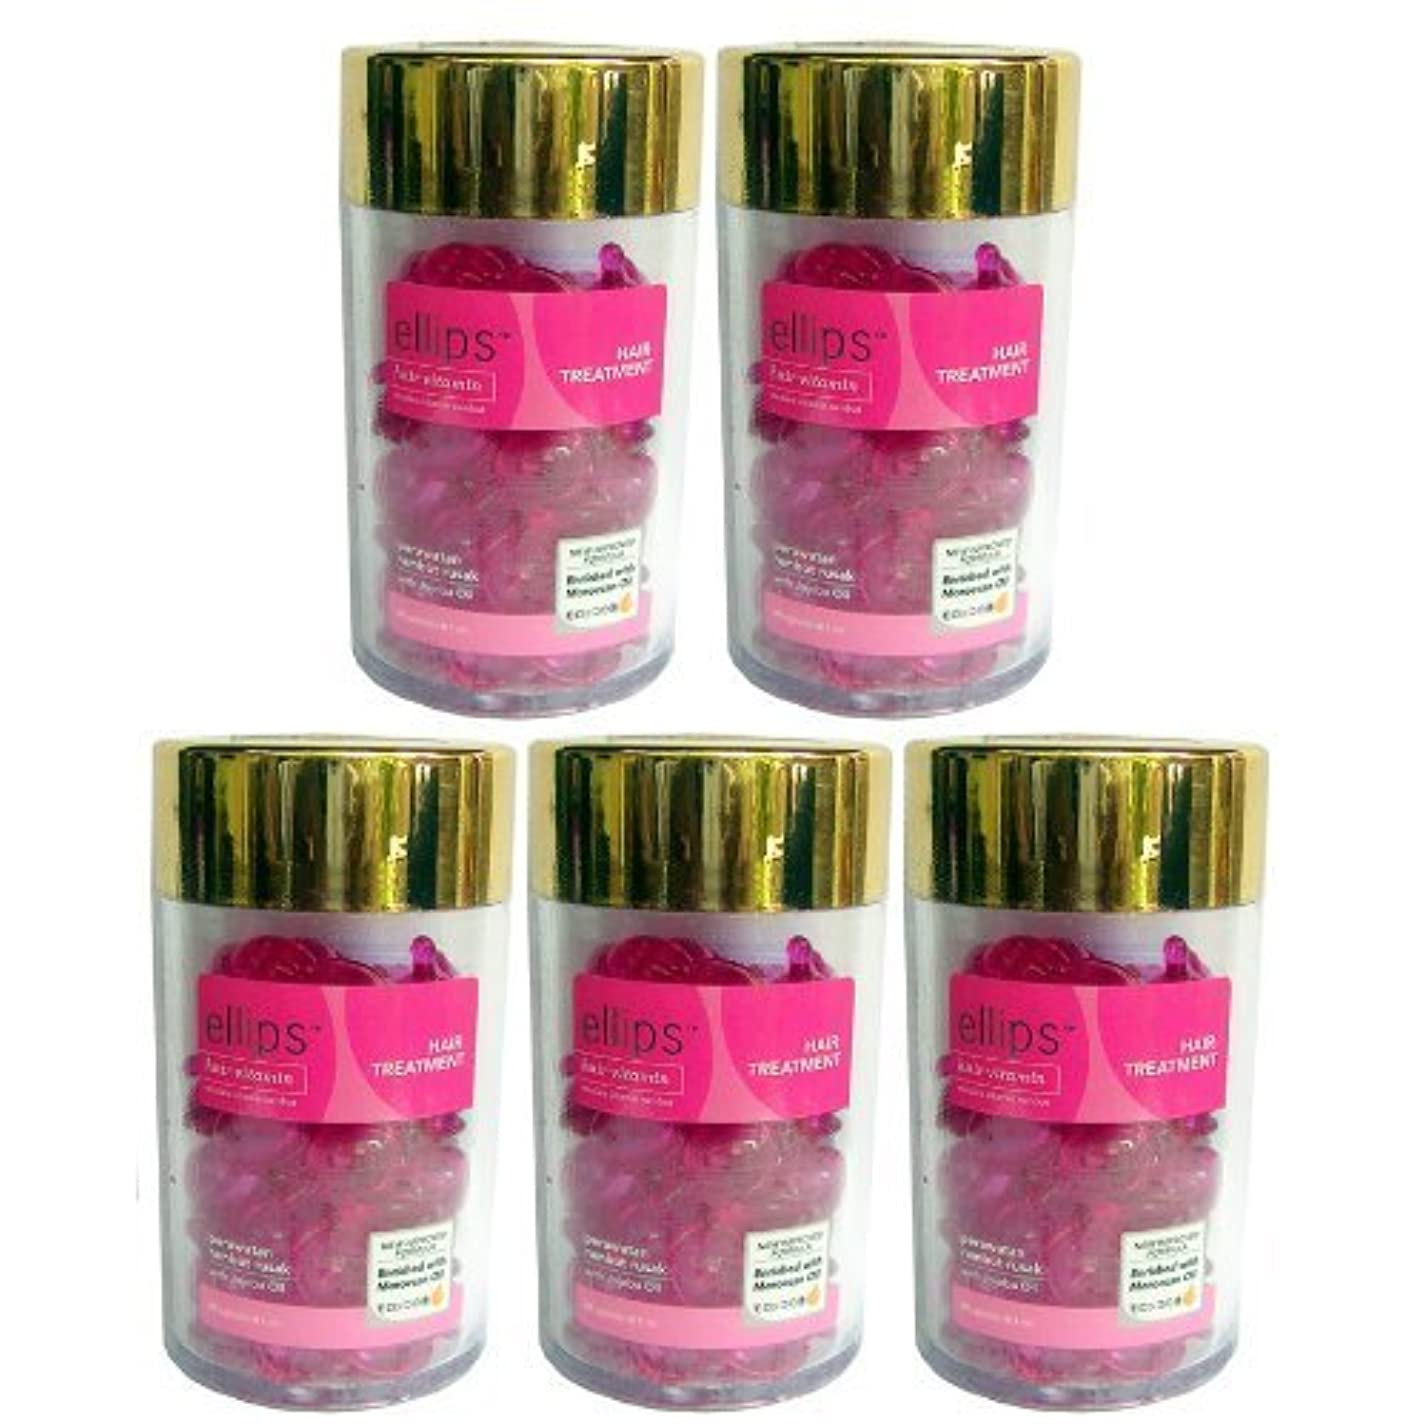 タブレット歩行者吐き出すエリプス(Ellips) ヘアビタミン(50粒入)5個セット ピンク [海外直送品][並行輸入品]